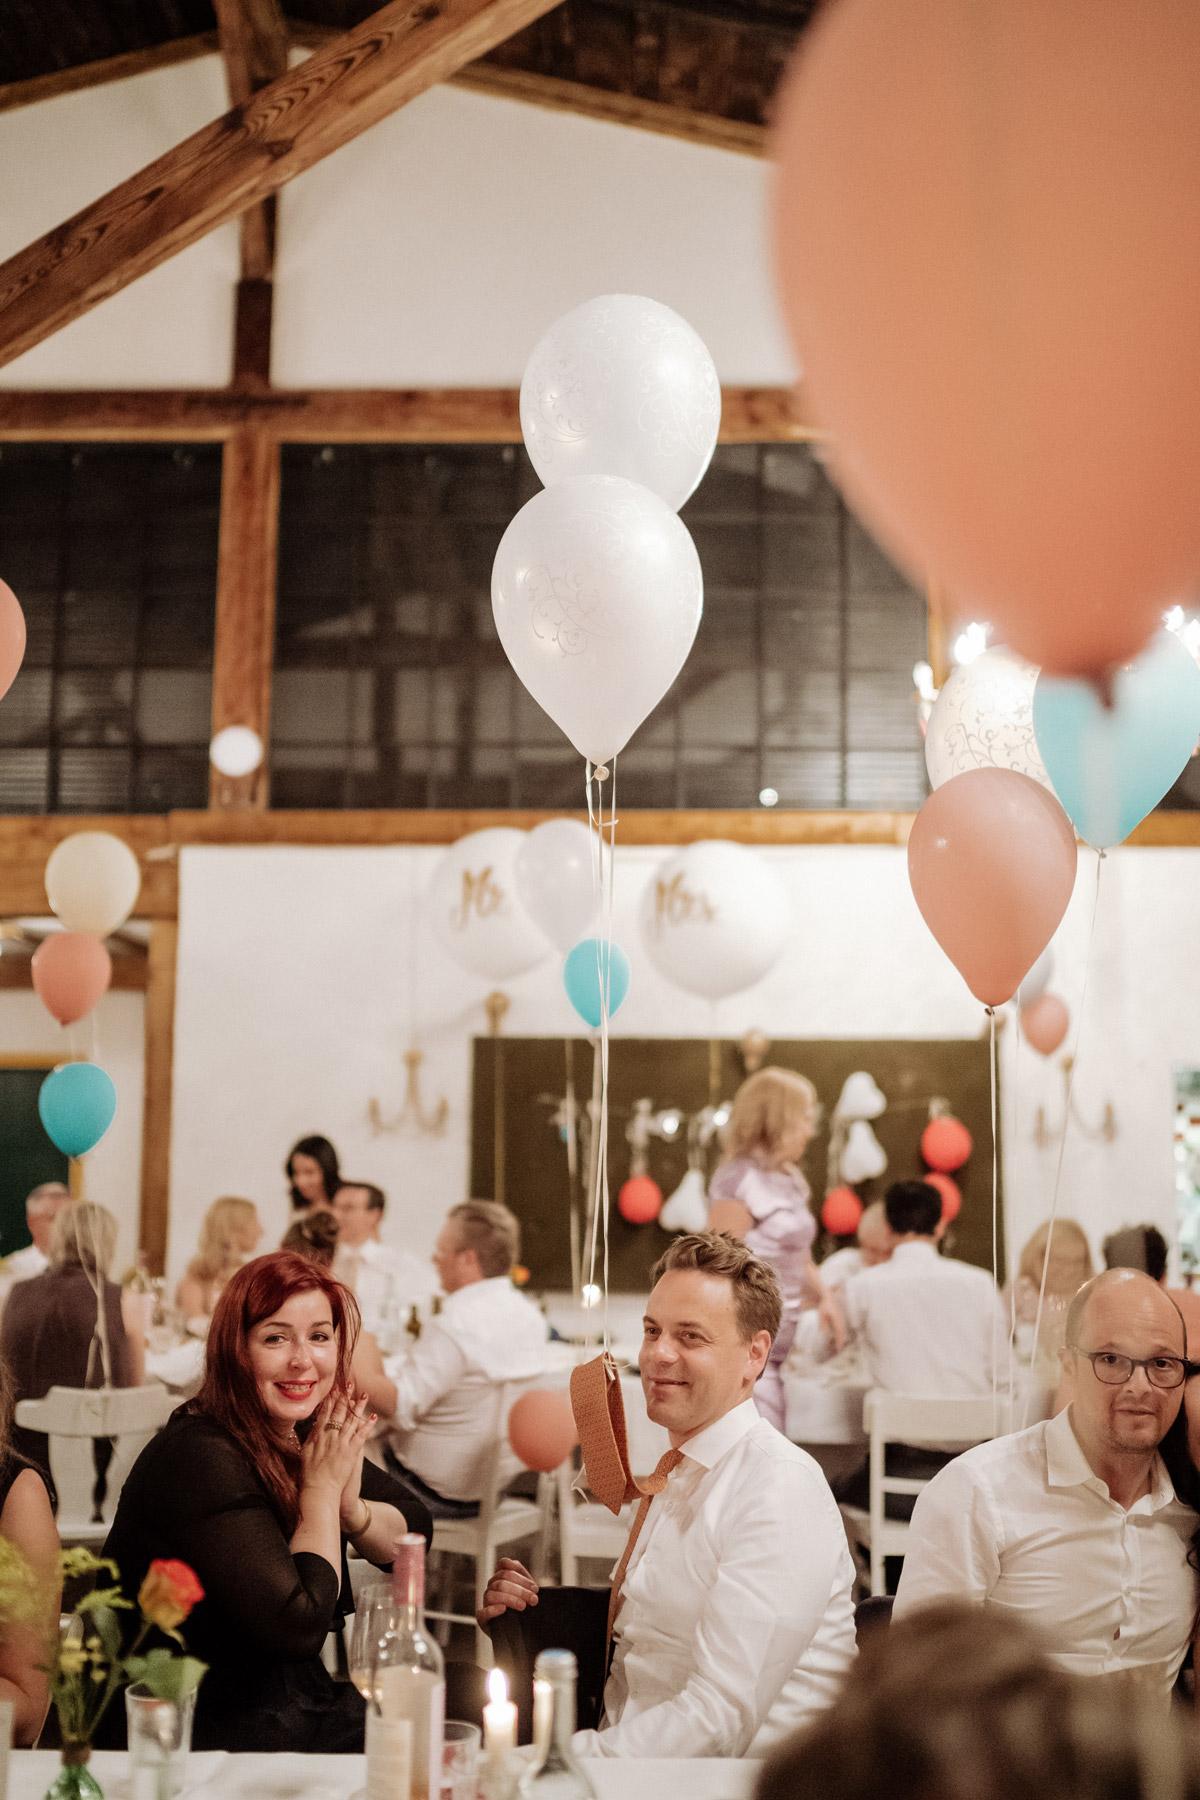 Gastgeschenke dieser Hochzeit waren personalisierte Kekse und Luftballons mit denen sich die Kinder und Hochzeitsgäste zu unterhalten wussten - Corona Hochzeit im von Greifswald von Hochzeitsfotograf und Hochzeitsvideograf Berlin © www.hochzeitslicht.de #hochzeitslicht #hochzeitsspiel